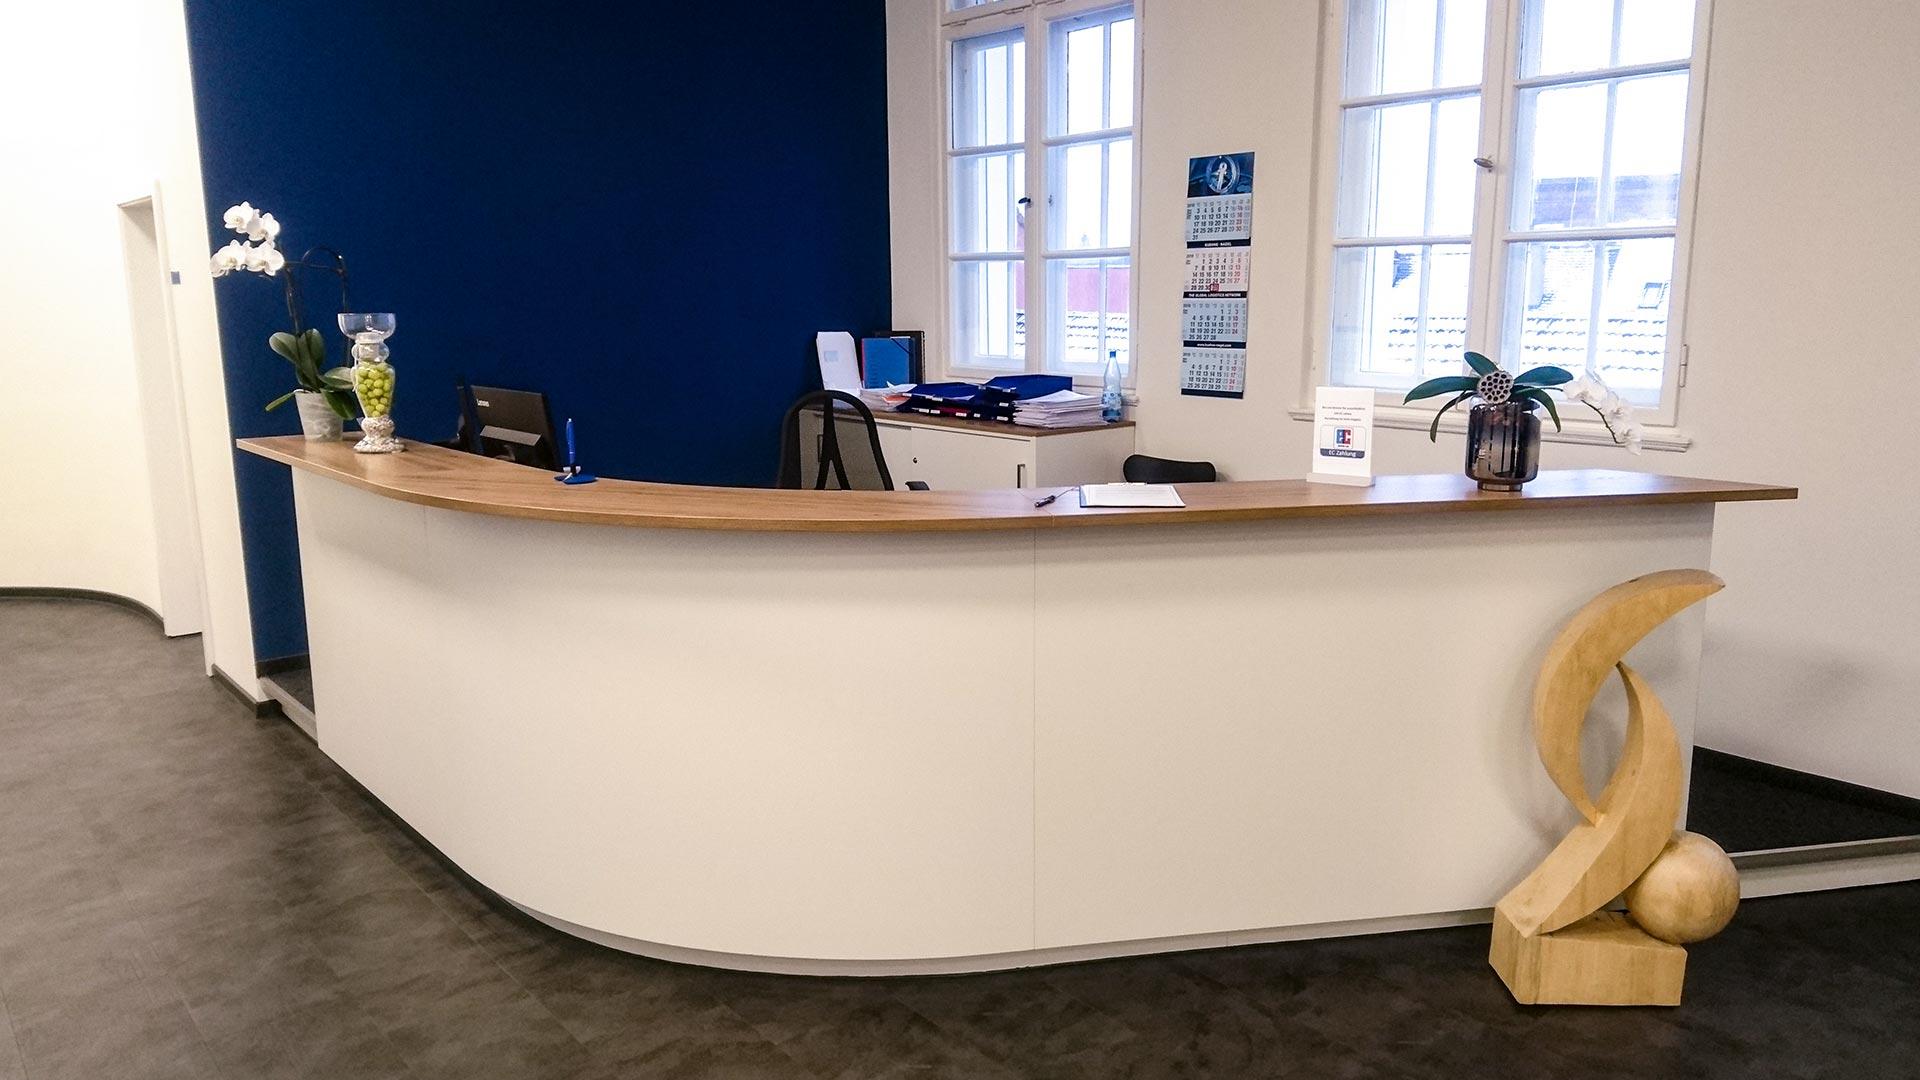 Die Empfangstheke in matt weiß mit Holzarbeitsplatte, Tretford Teppichboden in anthrazit und der blauen Wand definiert die Gestaltungsprinzipien für die gesamte Innenarchitektur.